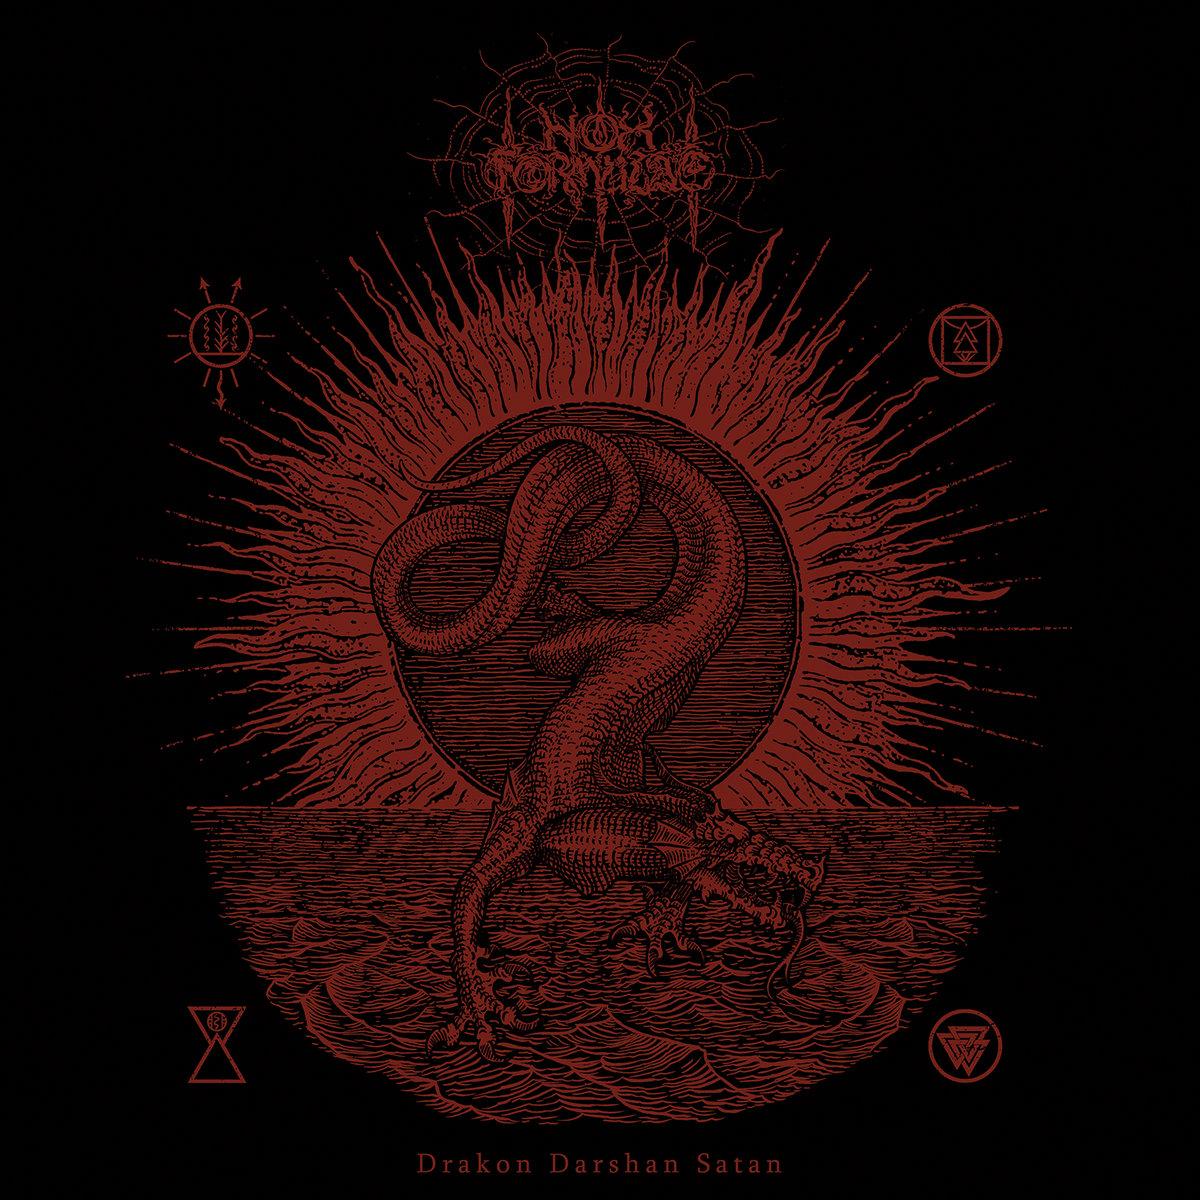 Psychopath Of Nox Nox Formulae Dark Descent Records